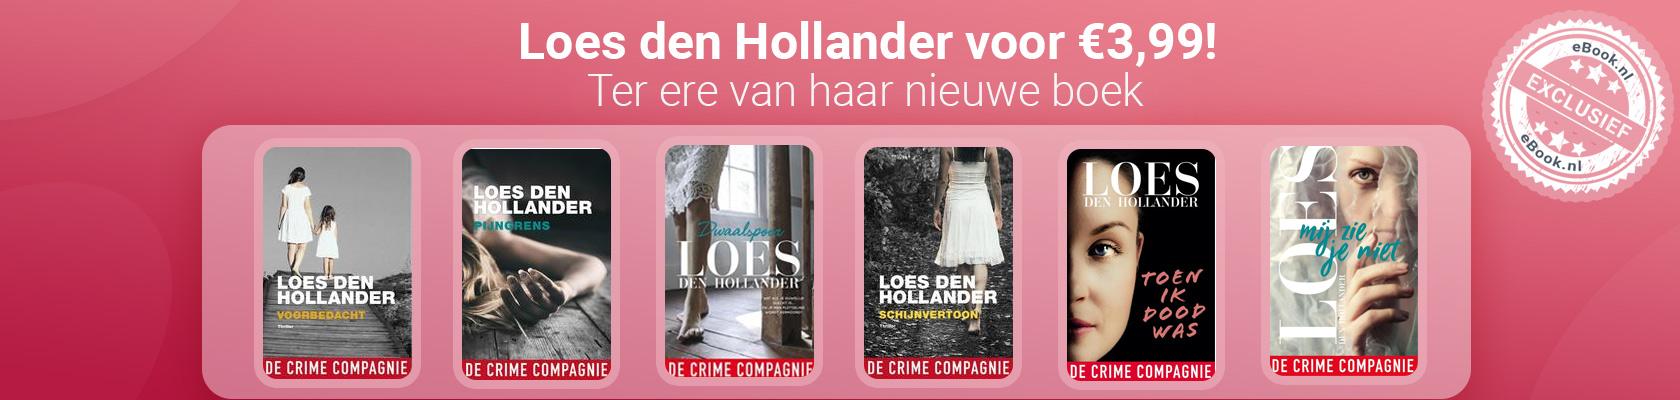 Loes den Hollander exclusief bij eBook.nl